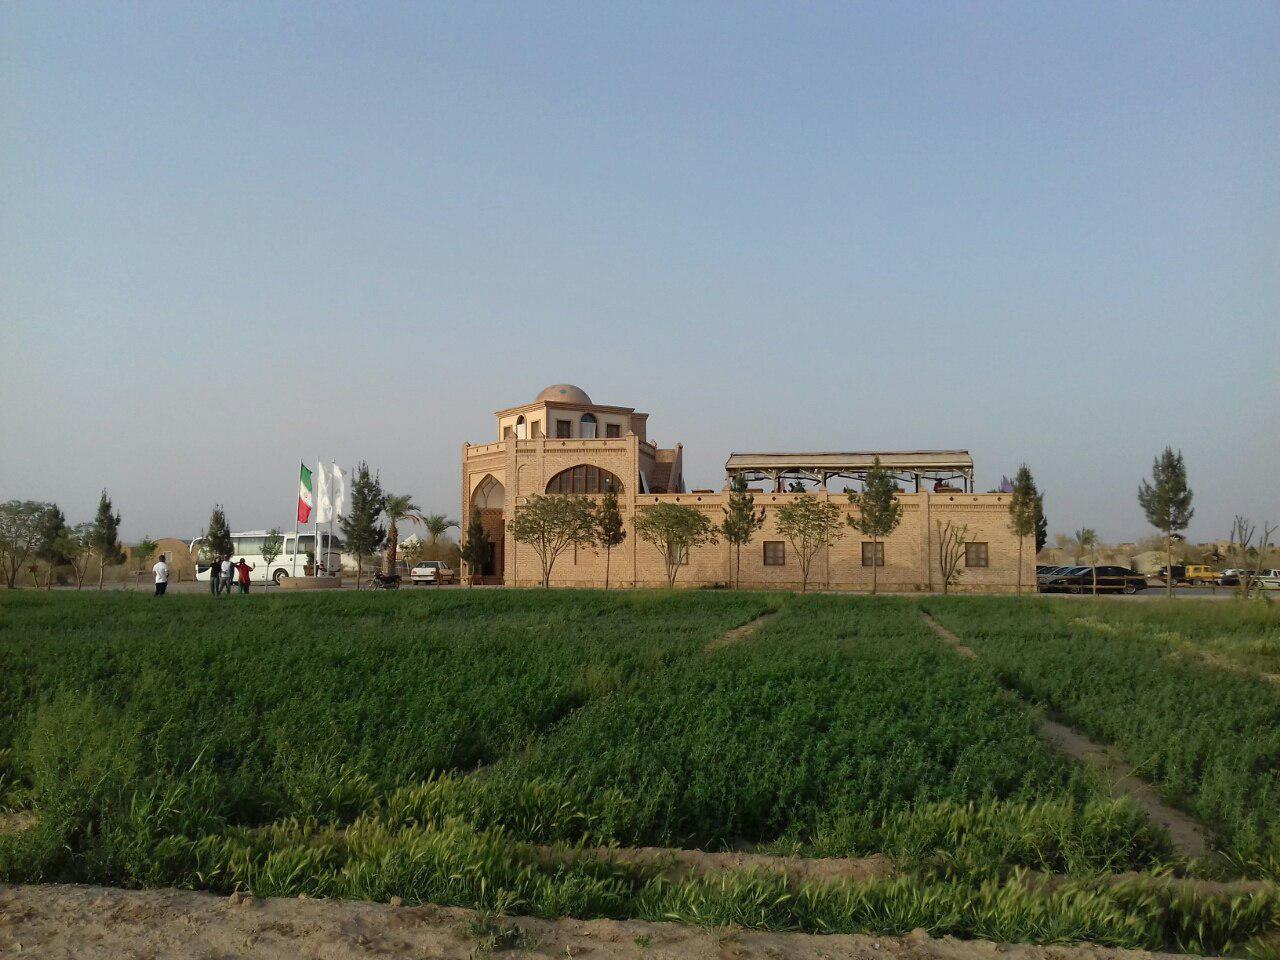 اکوکمپ متینآباد؛ جایی برای لذت بردن از کویر